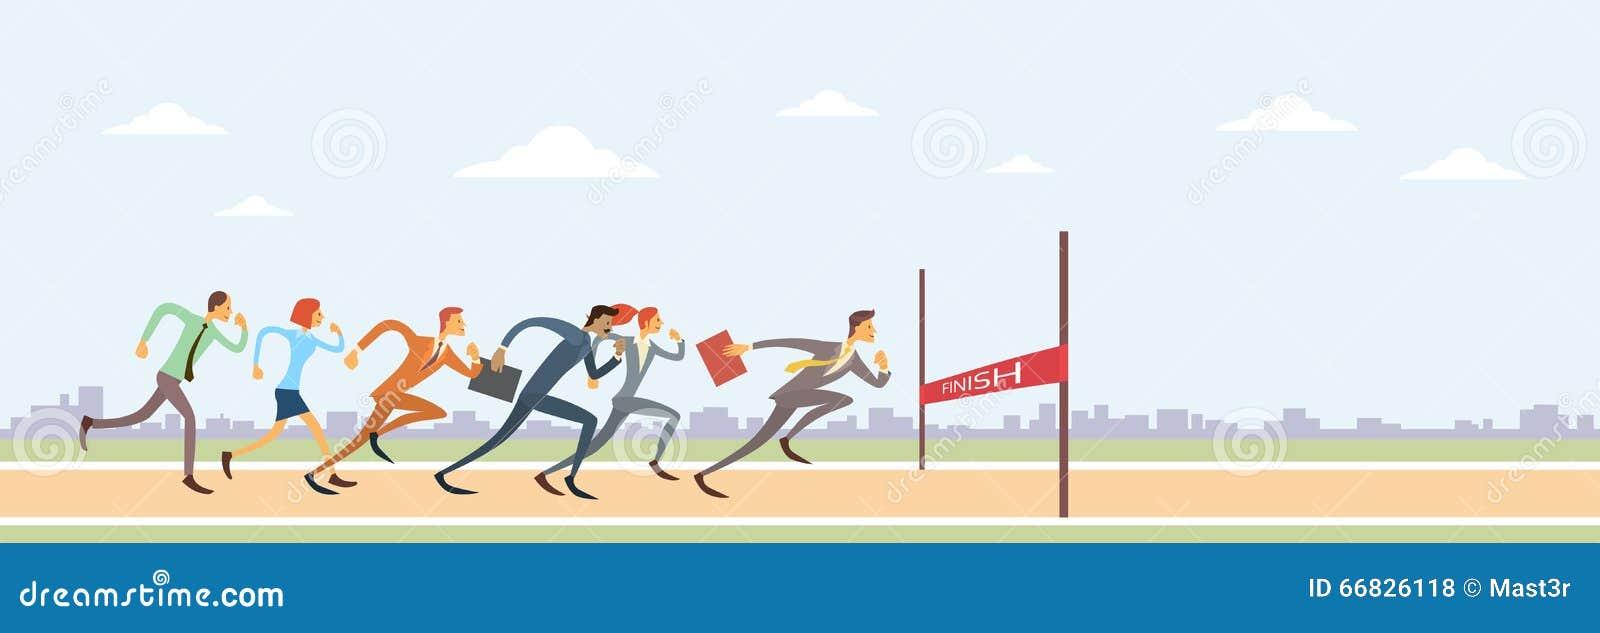 marathon-winner-clipart